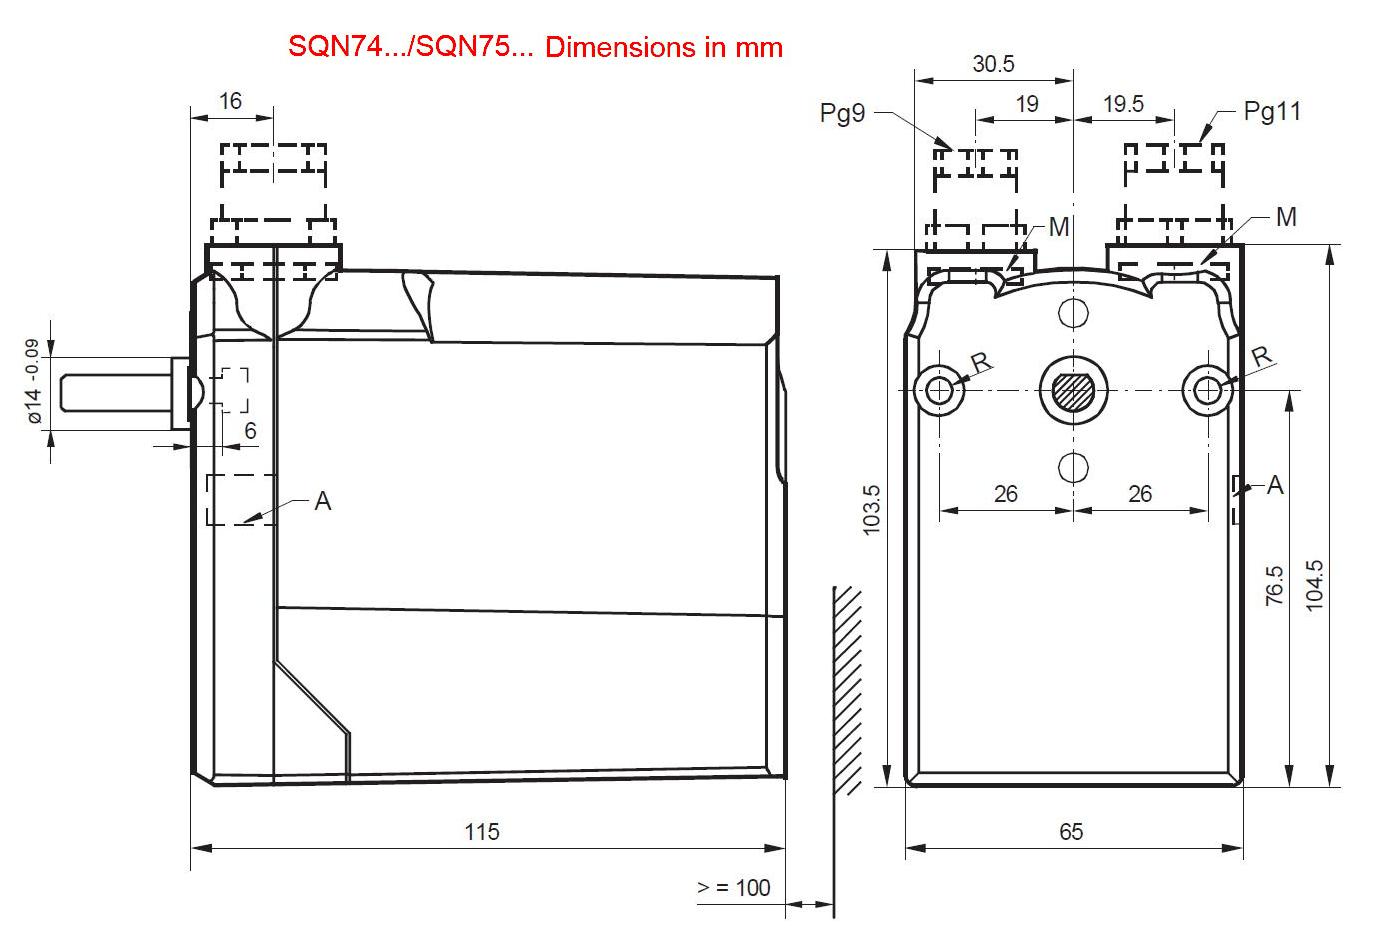 Servomotor SIEMENS SQN74…, SQN75… - dimensiuni